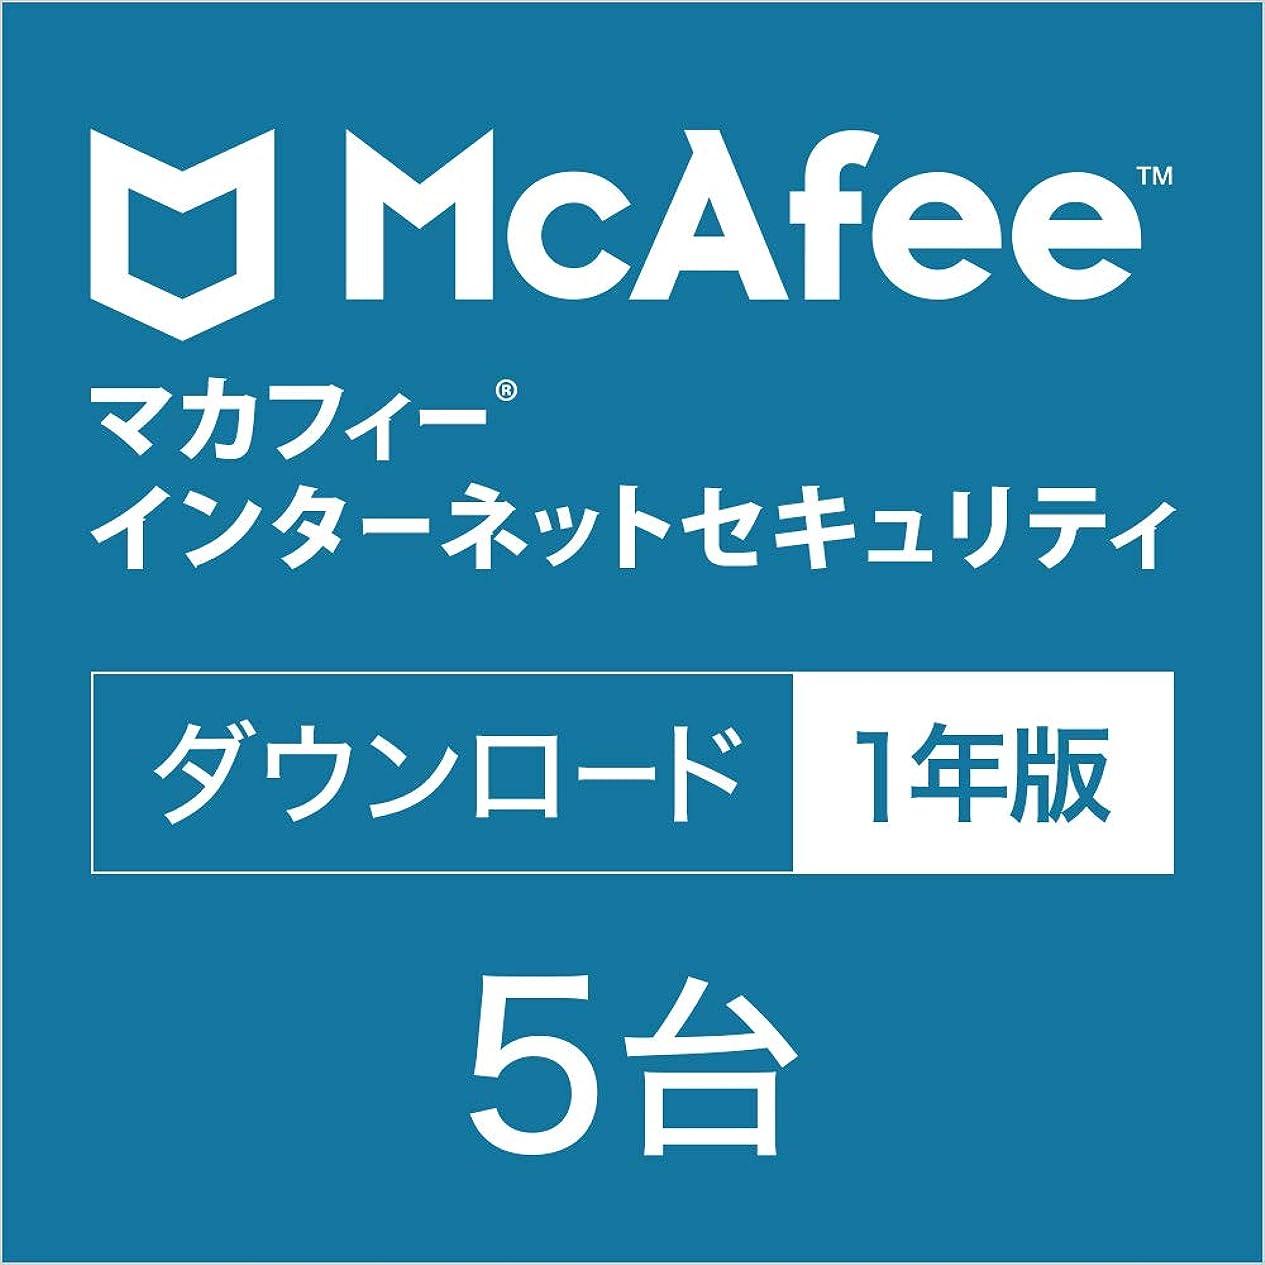 乞食見通し増強マカフィー インターネットセキュリティ (5台/1年用) セキュリティソフト ウィルス対策 進化型マルウェア対策|オンラインコード版|Windows/Mac/iOS/Android対応